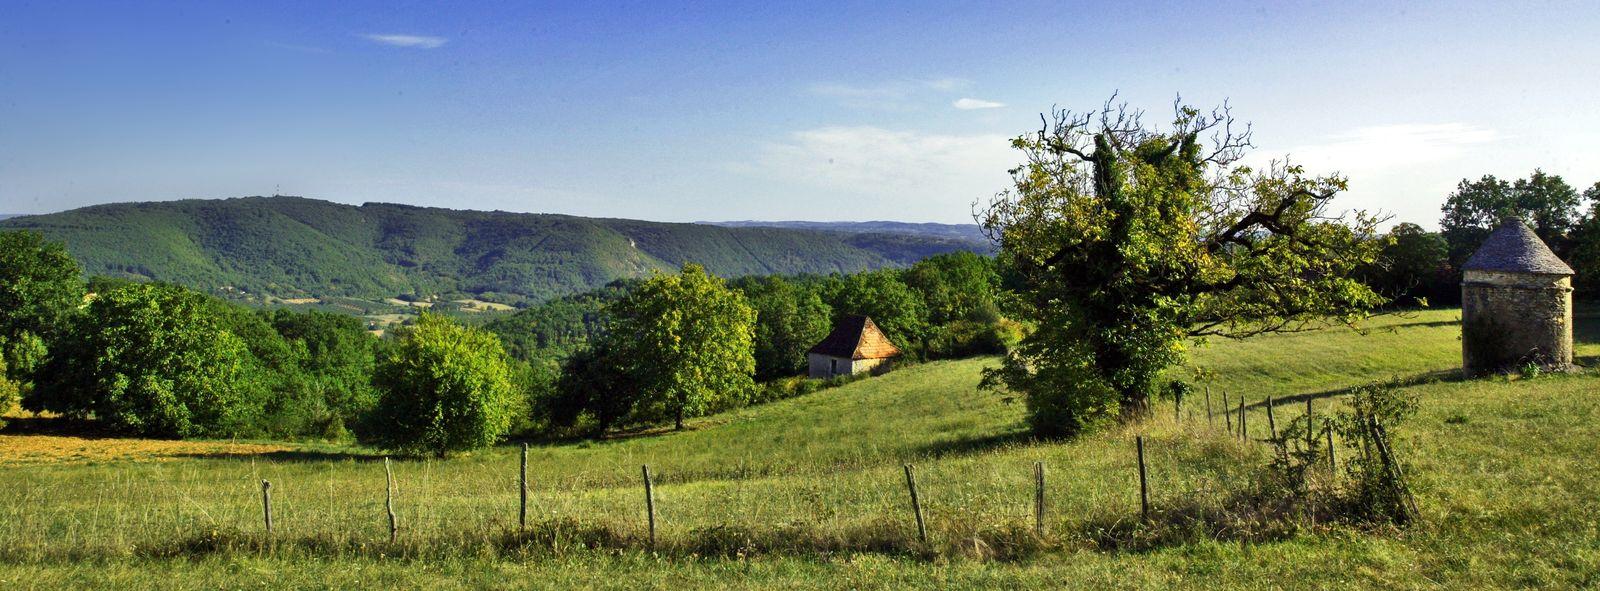 Afbeelding van La Nouvelle Source - Abel kleinschalig vakantiedomein Dordogne